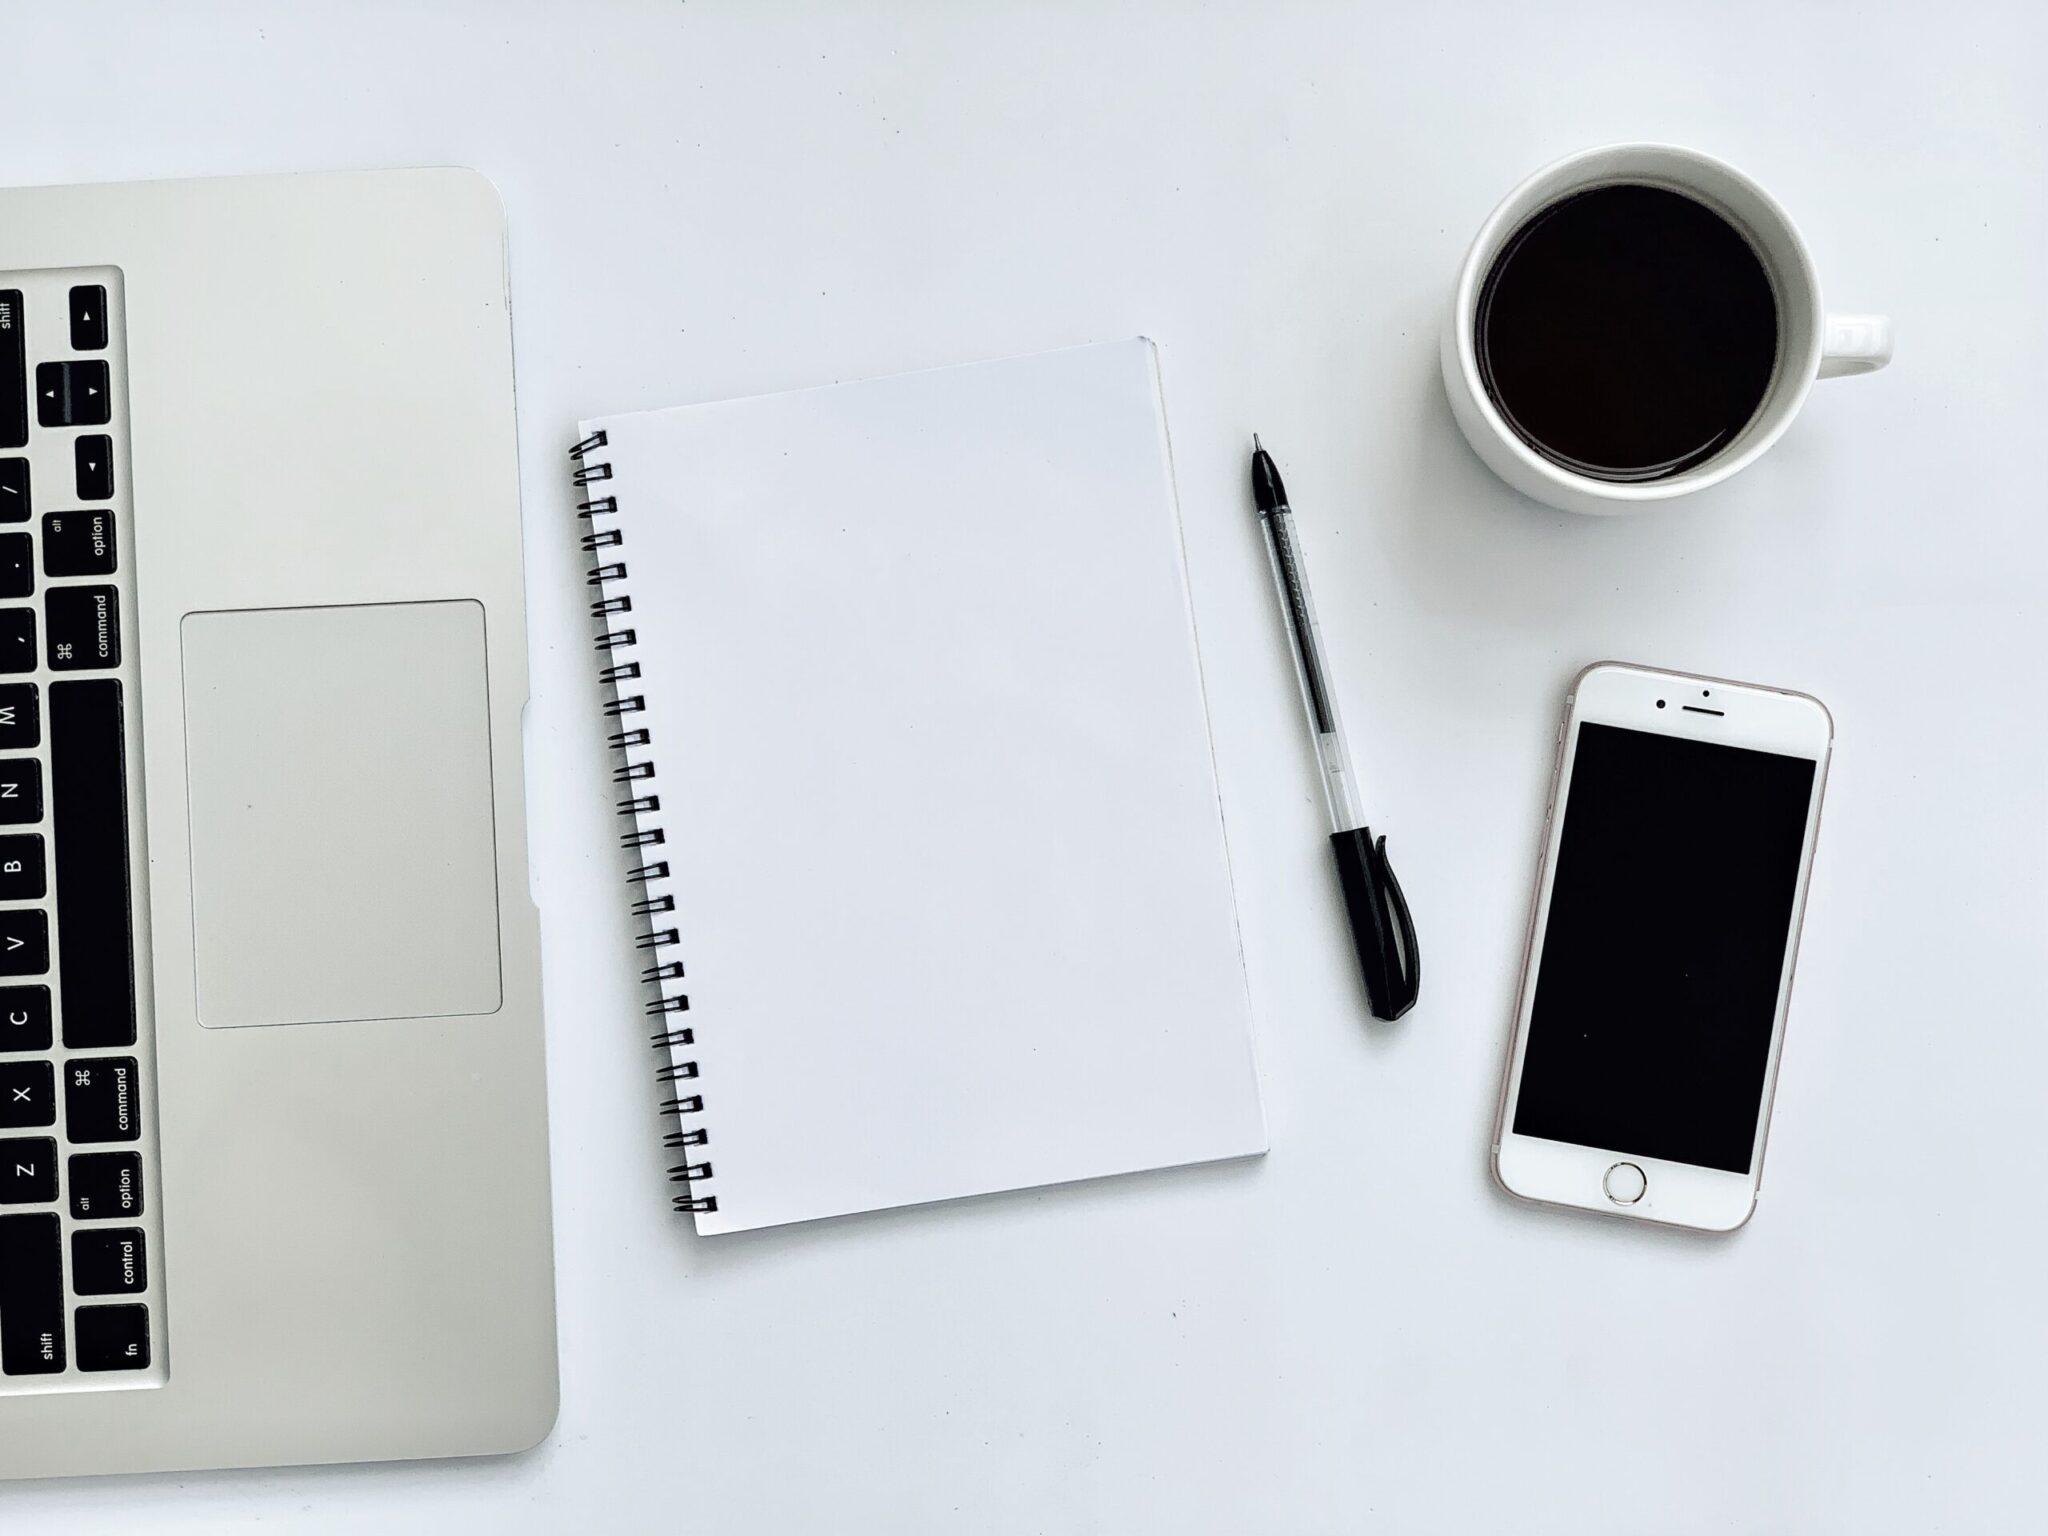 Telefone celular e computador provando o que setor de ESCs poderá se tornar 100% digital